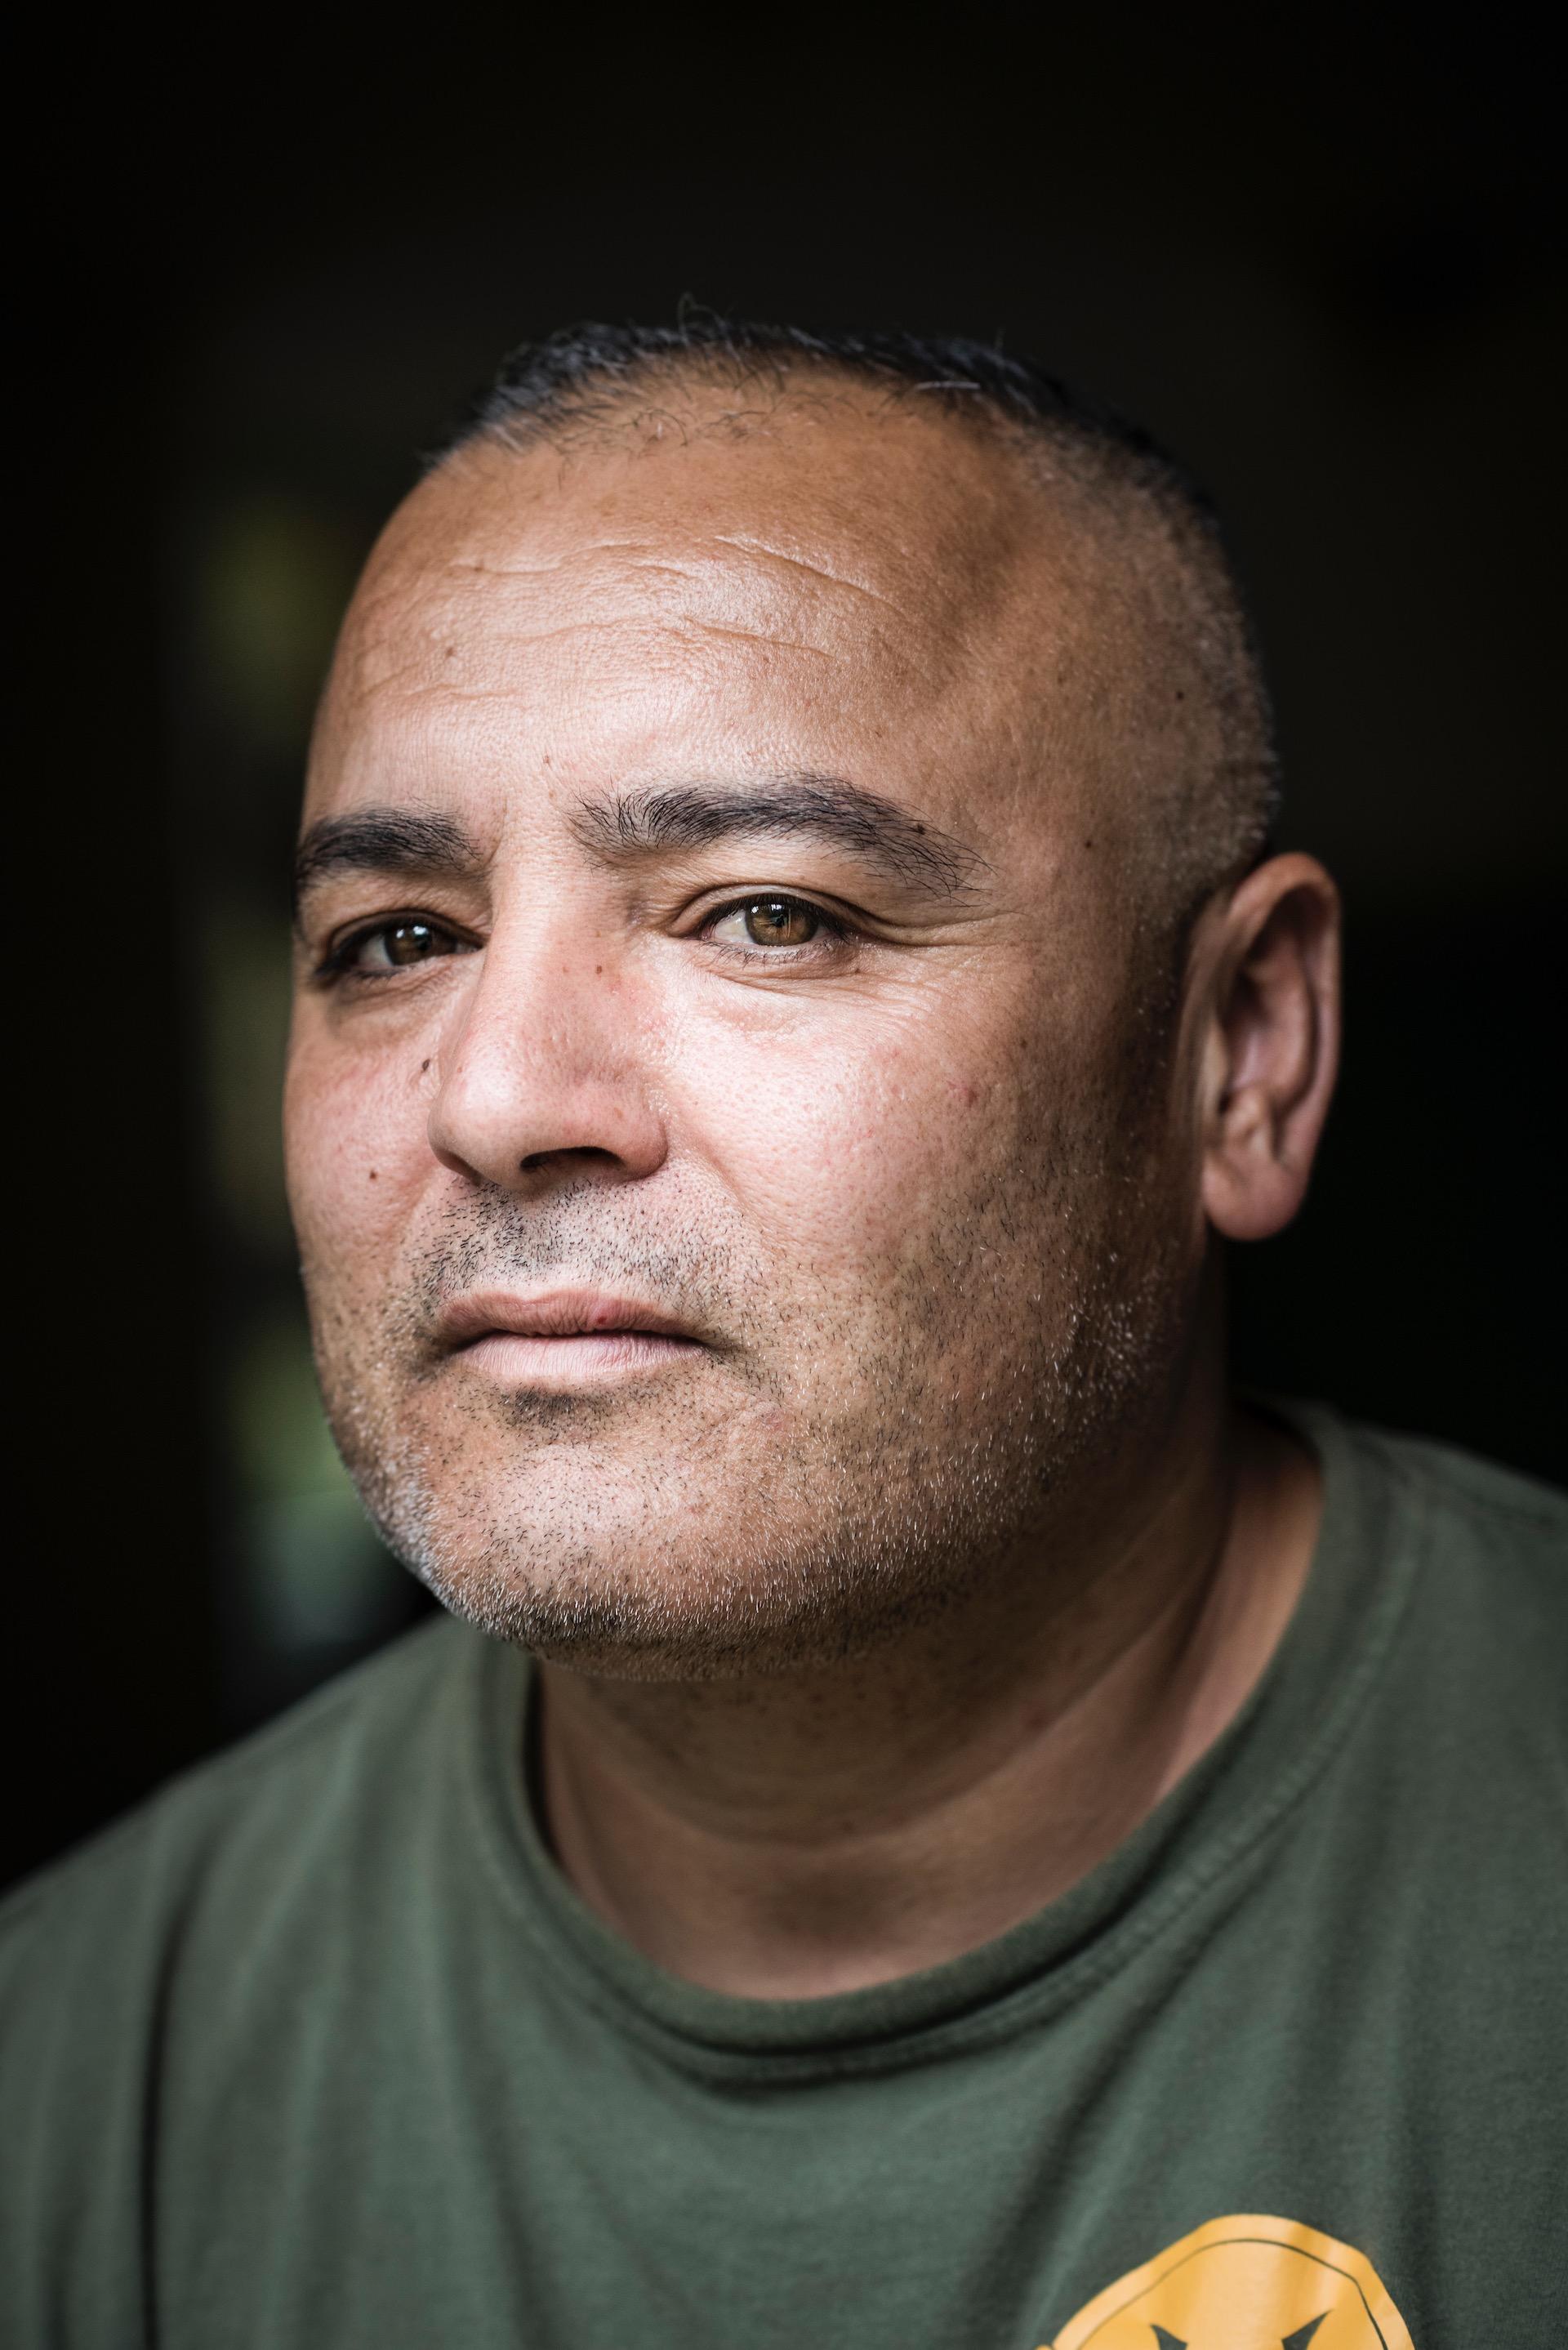 Jamal is een veteraan, woonachtig op Thuisbasis Veteranen, een opvanghuis voor militairen die de oorlog niet meer uit hun hoofd krijgen.De veteranen daar kwamen ze in dit opvanghuis terecht na een crisissituatie. Ze deden een zelfmoordpoging, pleegden een geweldsmisdrijf of raakten dakloos. Door defensie voelden ze zich in de steek gelaten. Ze konden nergens meer heen, behalve hier, tussen hun lotgenoten.  Thuisbasis Veteranen biedt een woonlocatie aan voor veteranen met PTTS die behoefte hebben aan (meer) ondersteuning in het dagelijks functioneren, sociale contacten en veiligheid. Thuisbasis Veteranen is gelegen in een tweetal ogenschijnlijke boerderijen (gebouwd door de Duitsers in de oorlog om niet in het landschap op te vallen) en een bunker, alle muren zijn erg dik.